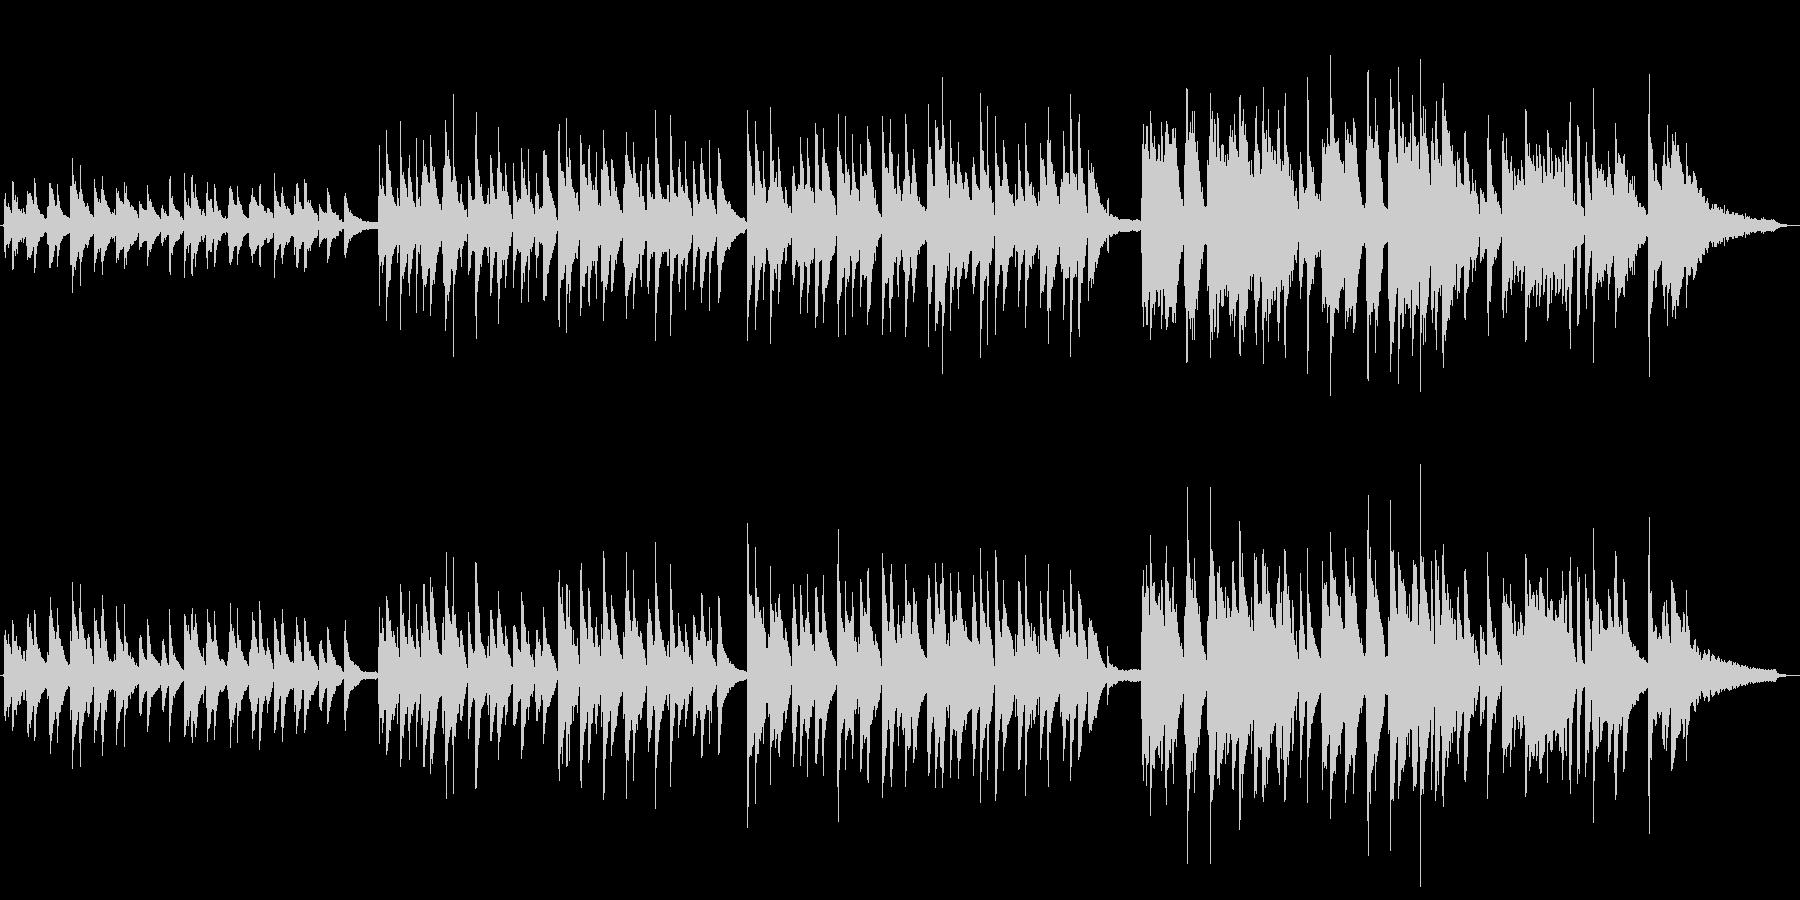 梅雨イメージのピアノとバイオリンによる曲の未再生の波形